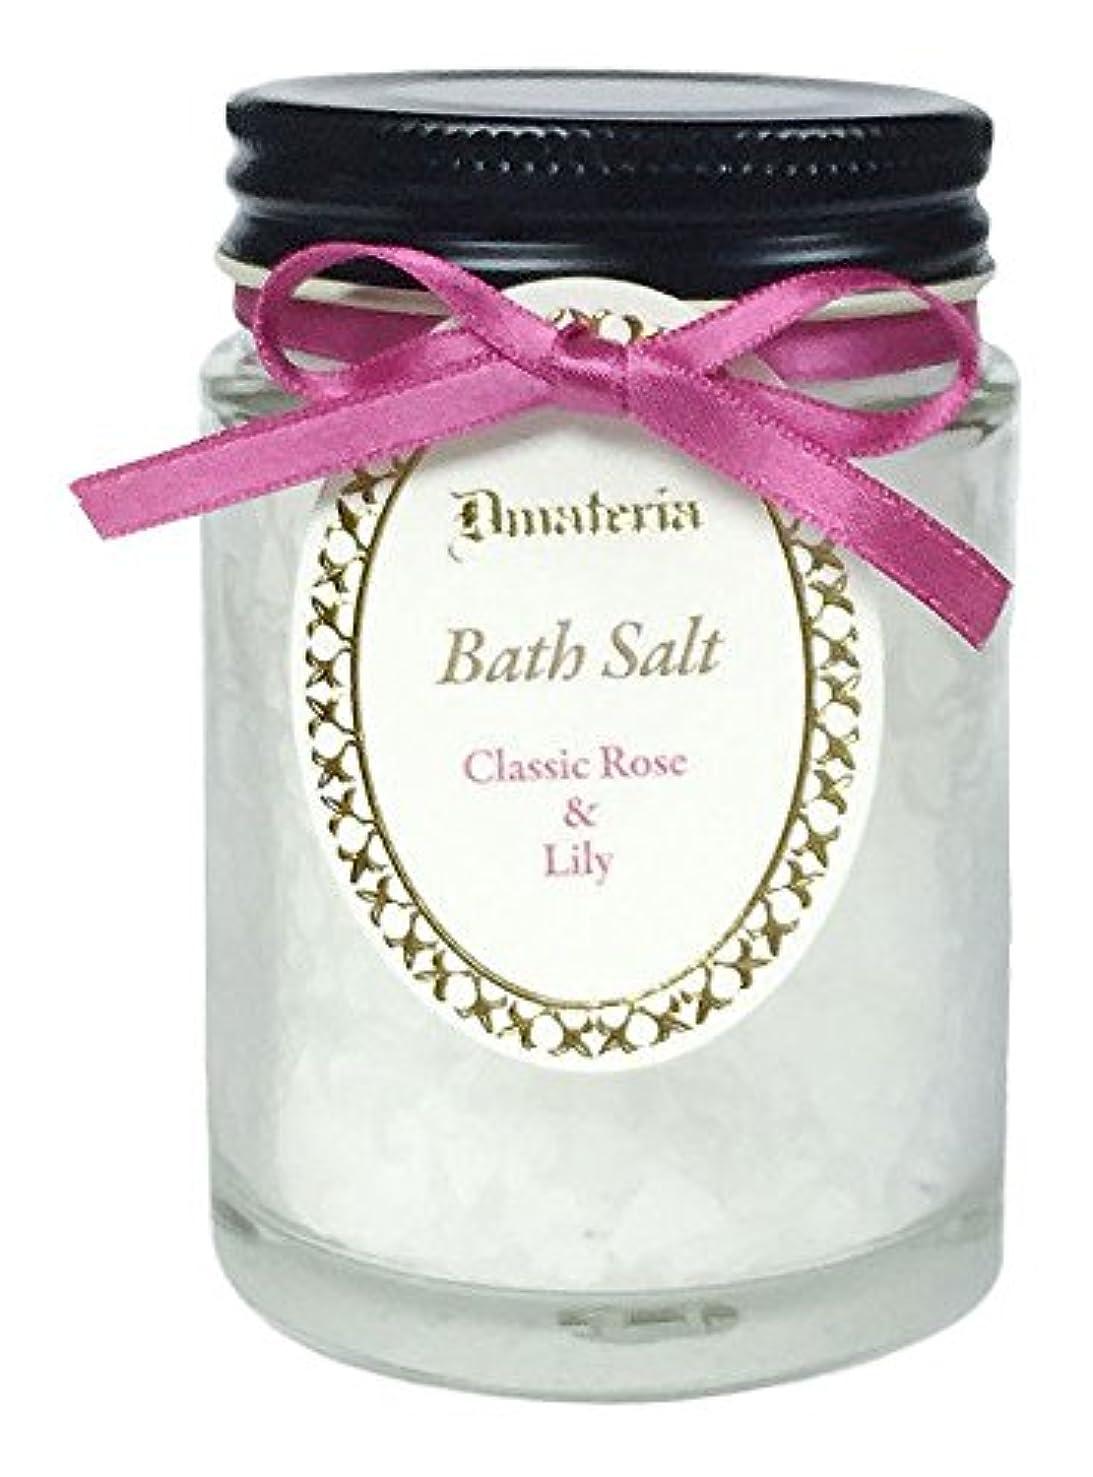 リズムお手入れ苦行D materia バスソルト クラシックローズ&リリー Classic Rose&Lily Bath Salt ディーマテリア